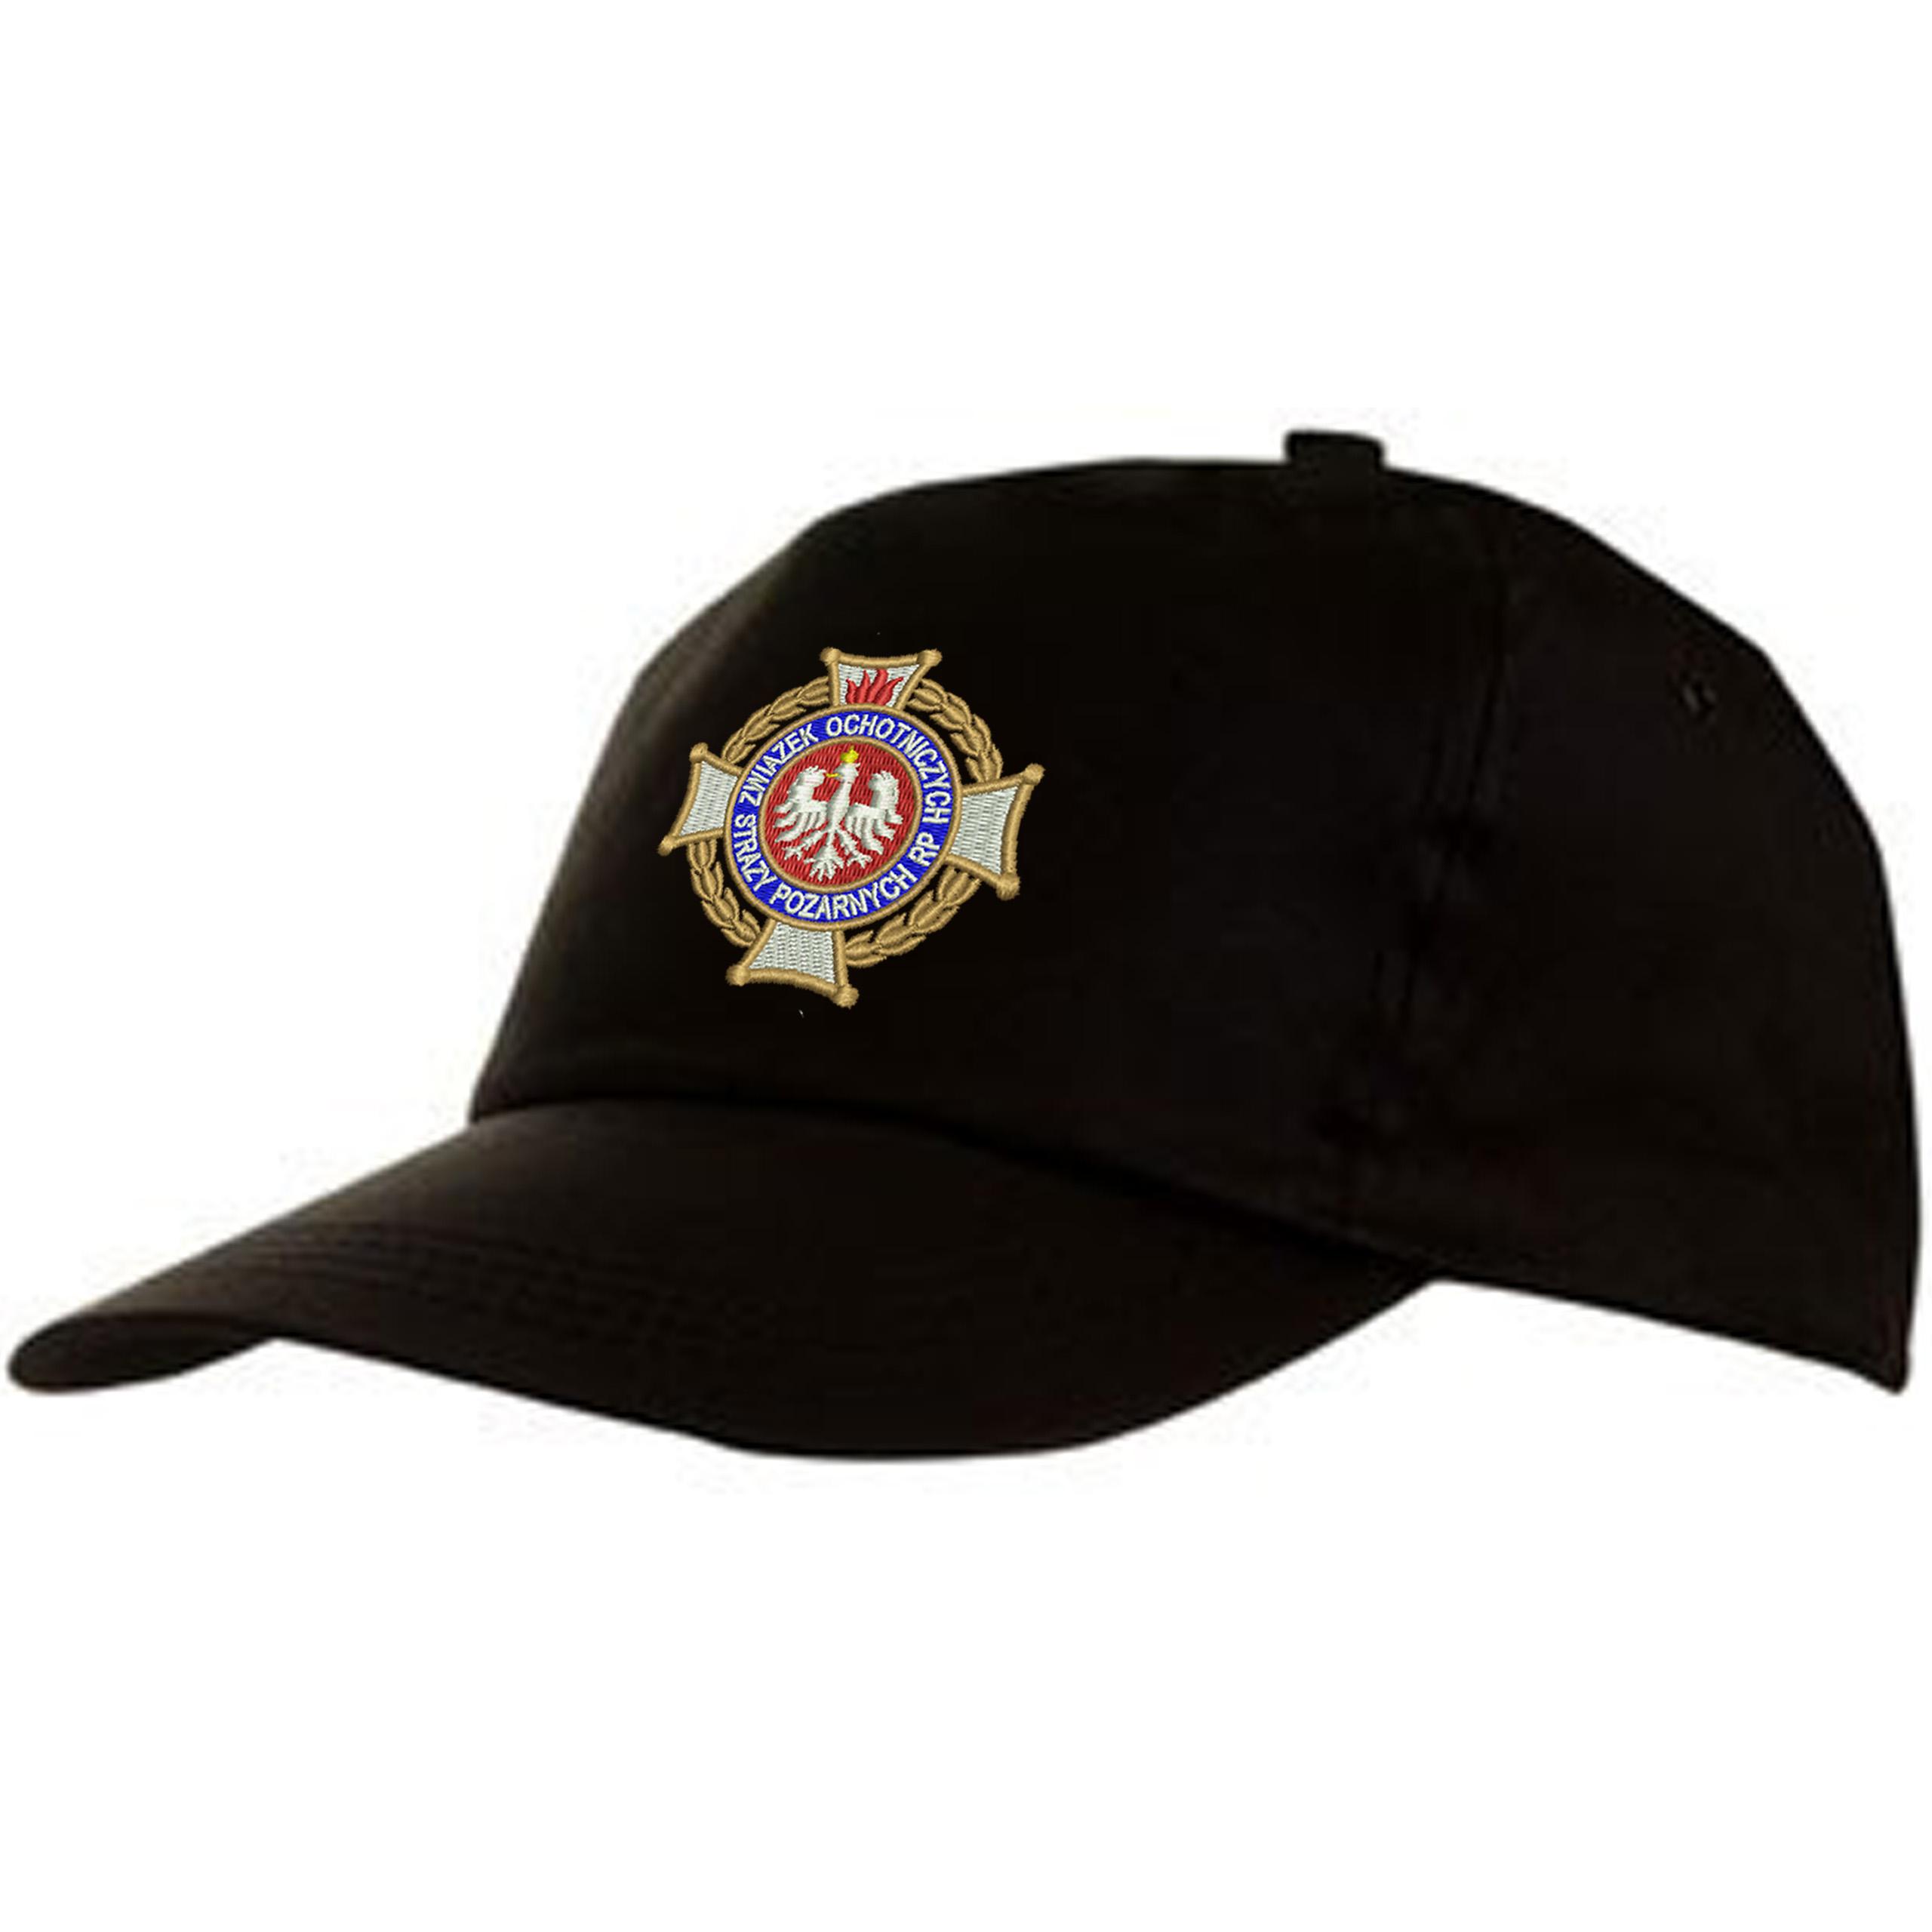 Кепка пожарного с вышивкой ZOSP, логотипом OSP union